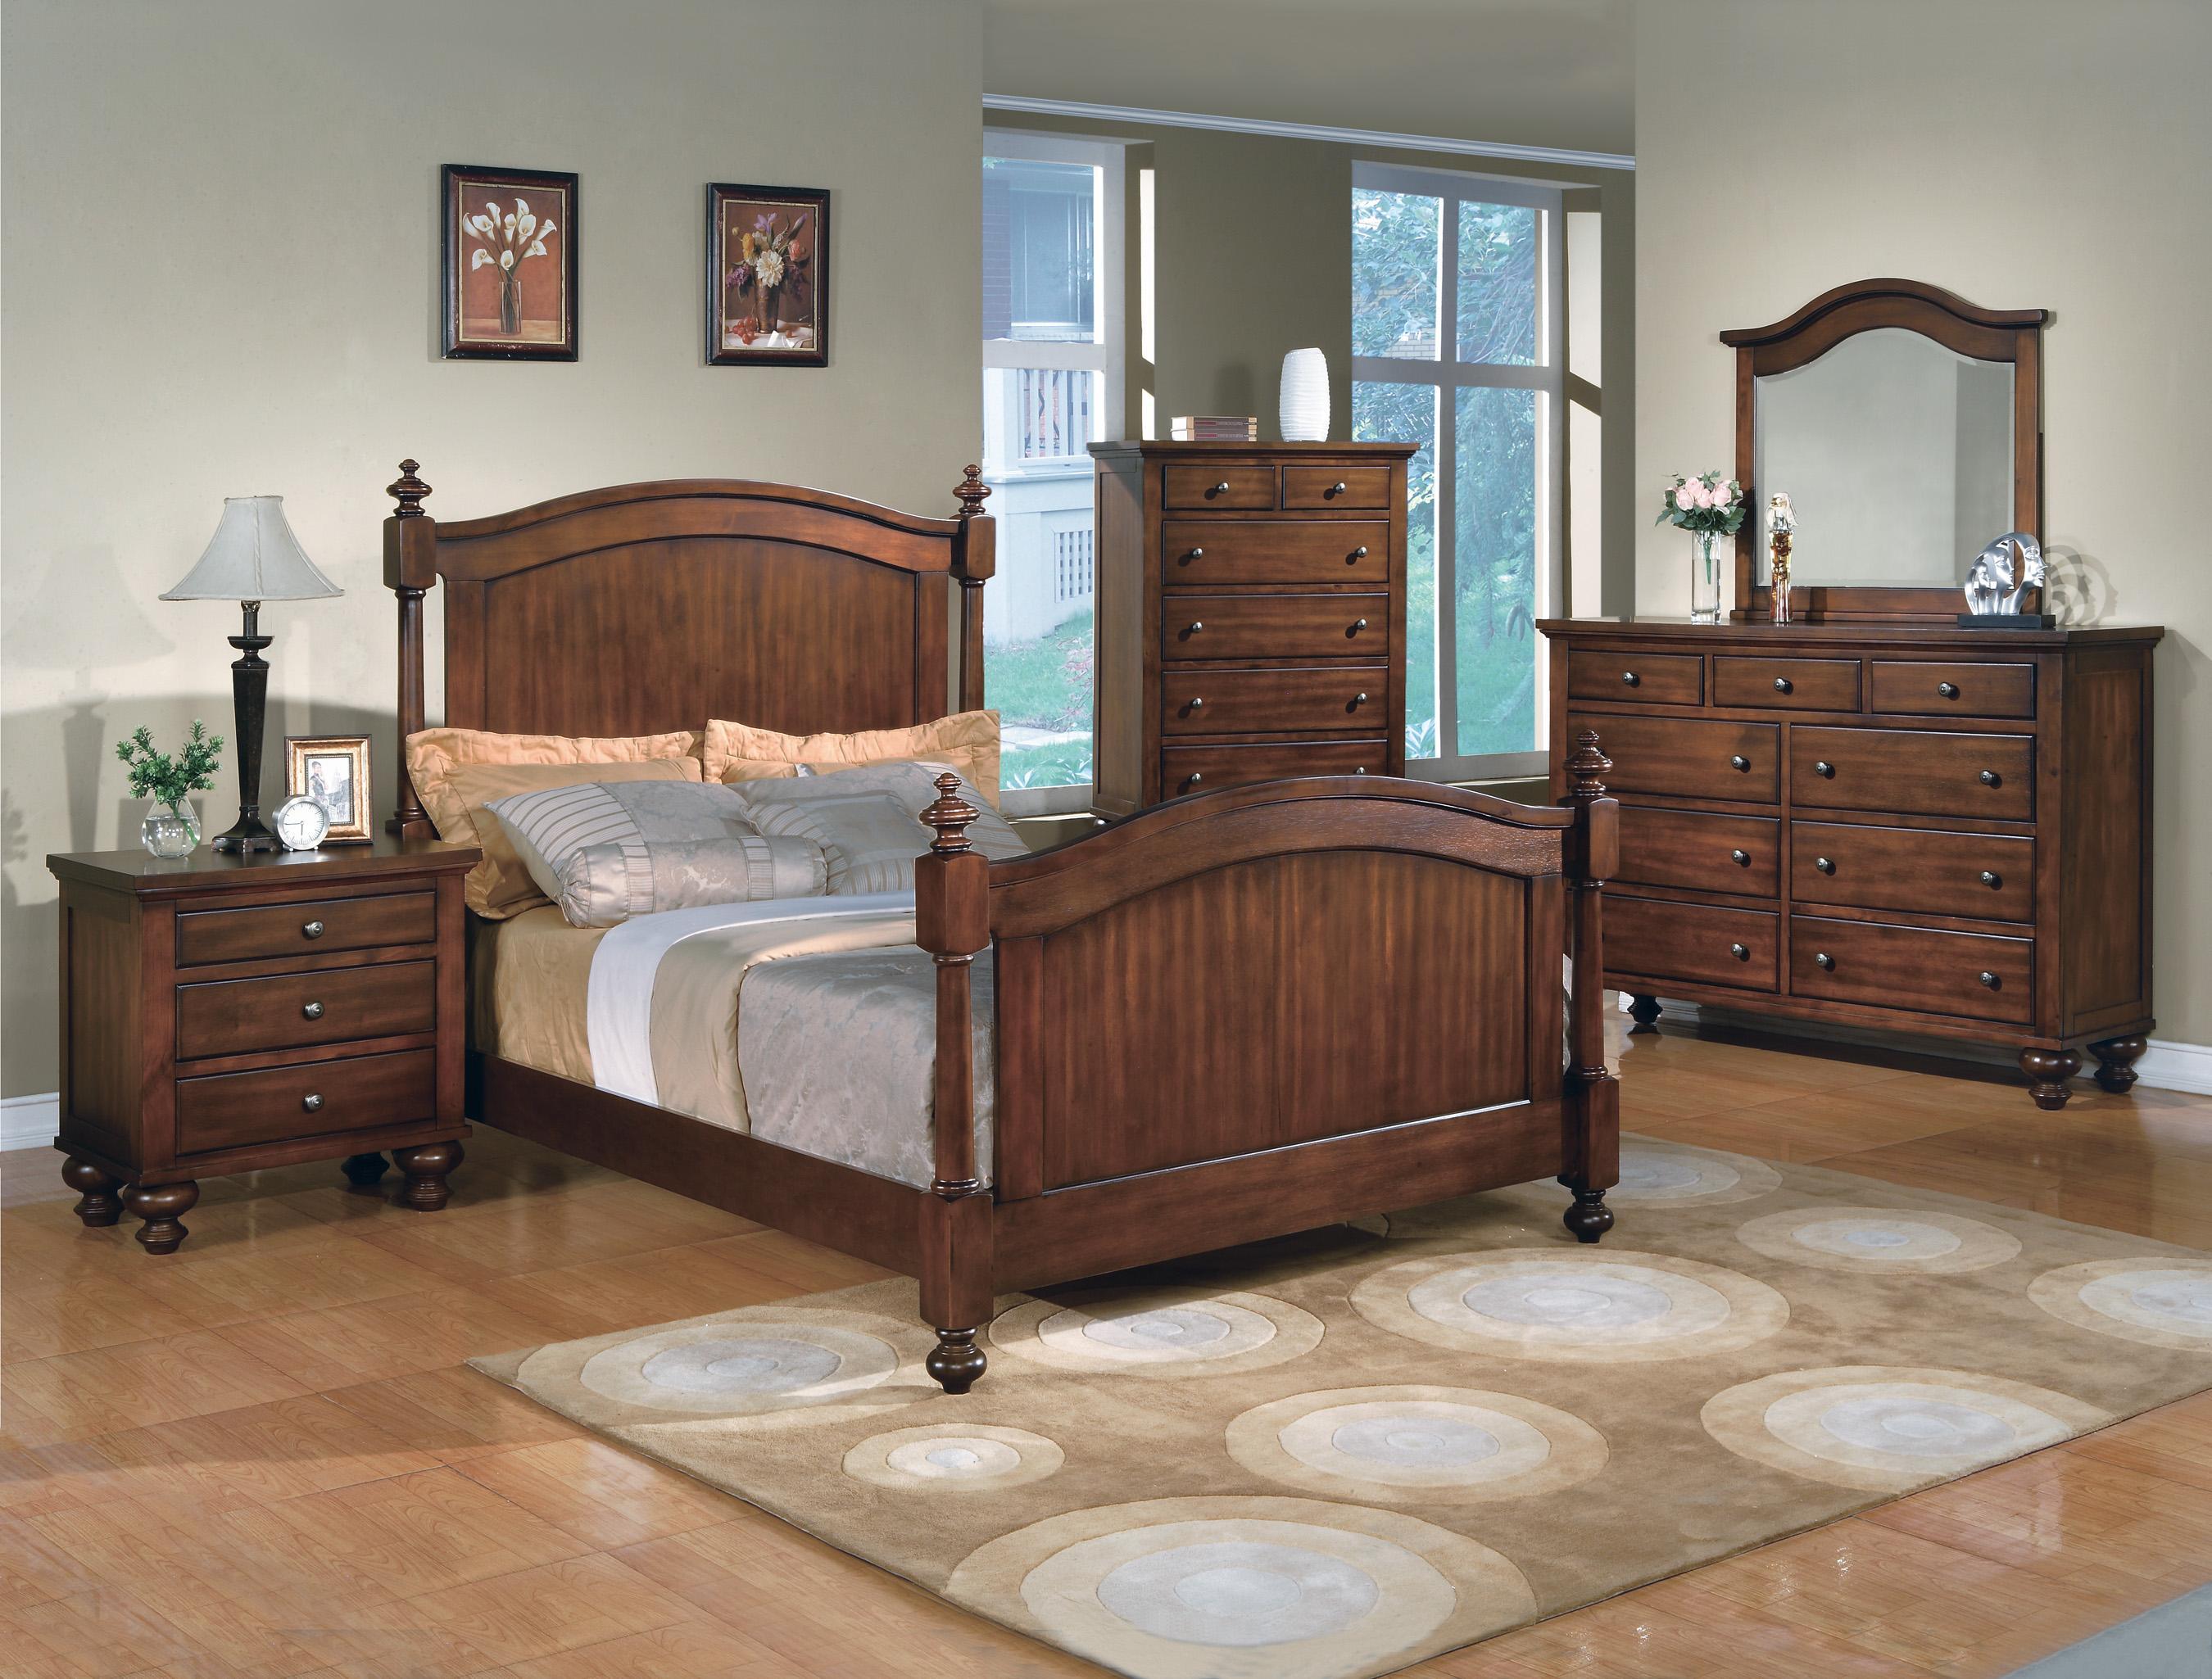 Crown Mark Sommer Queen Bedroom Group - Item Number: B1304 Queen Bedroom Group 1